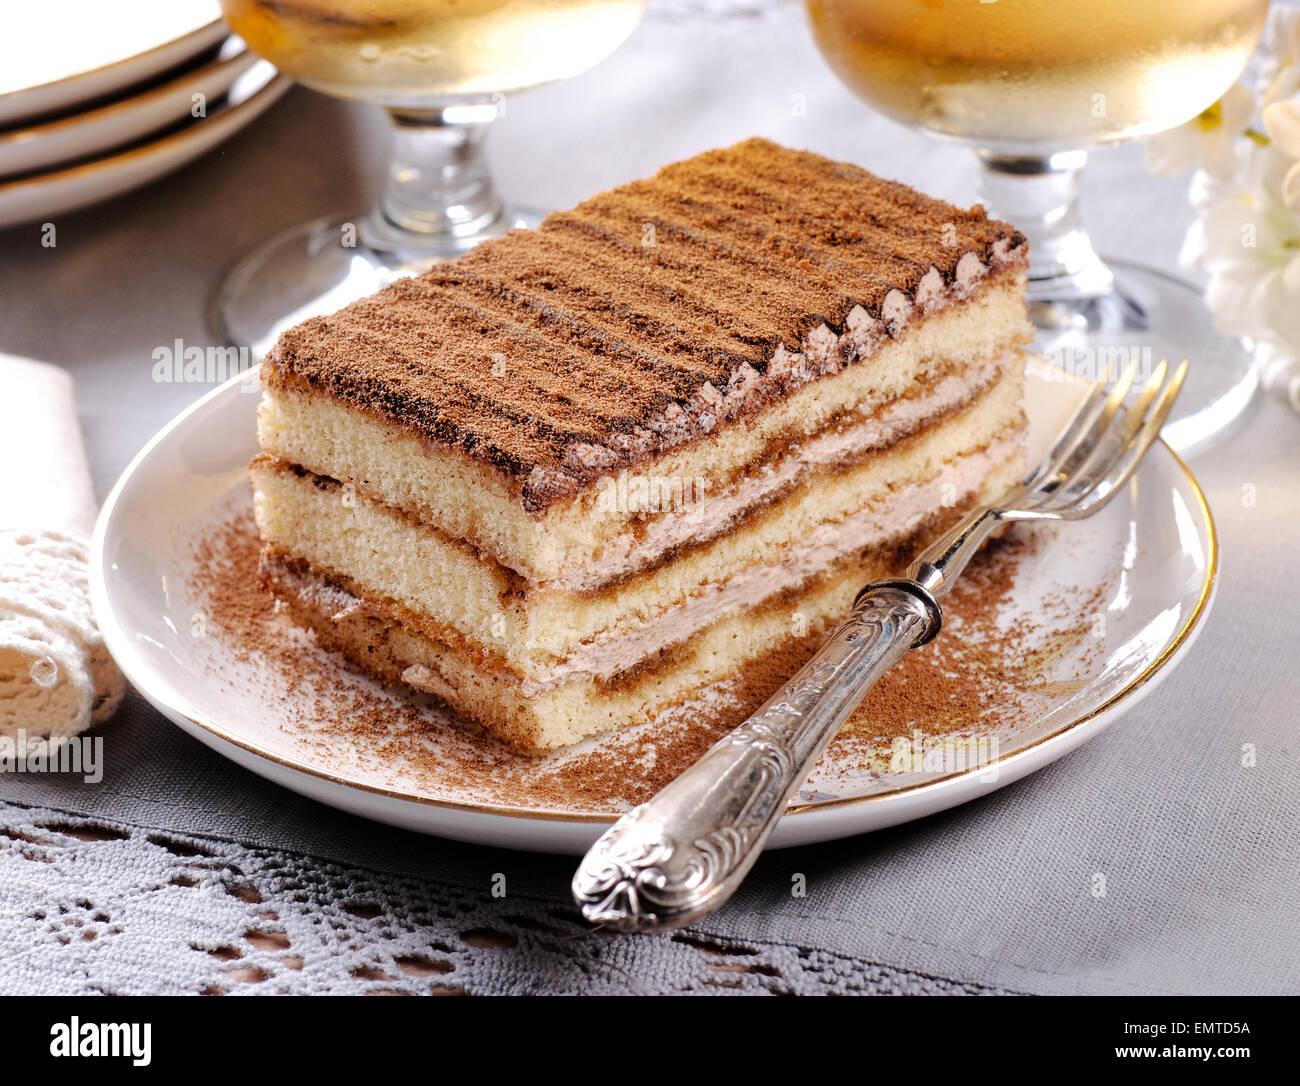 hausgemachte Tiramisu, ein traditionelles italienisches dessert Stockbild